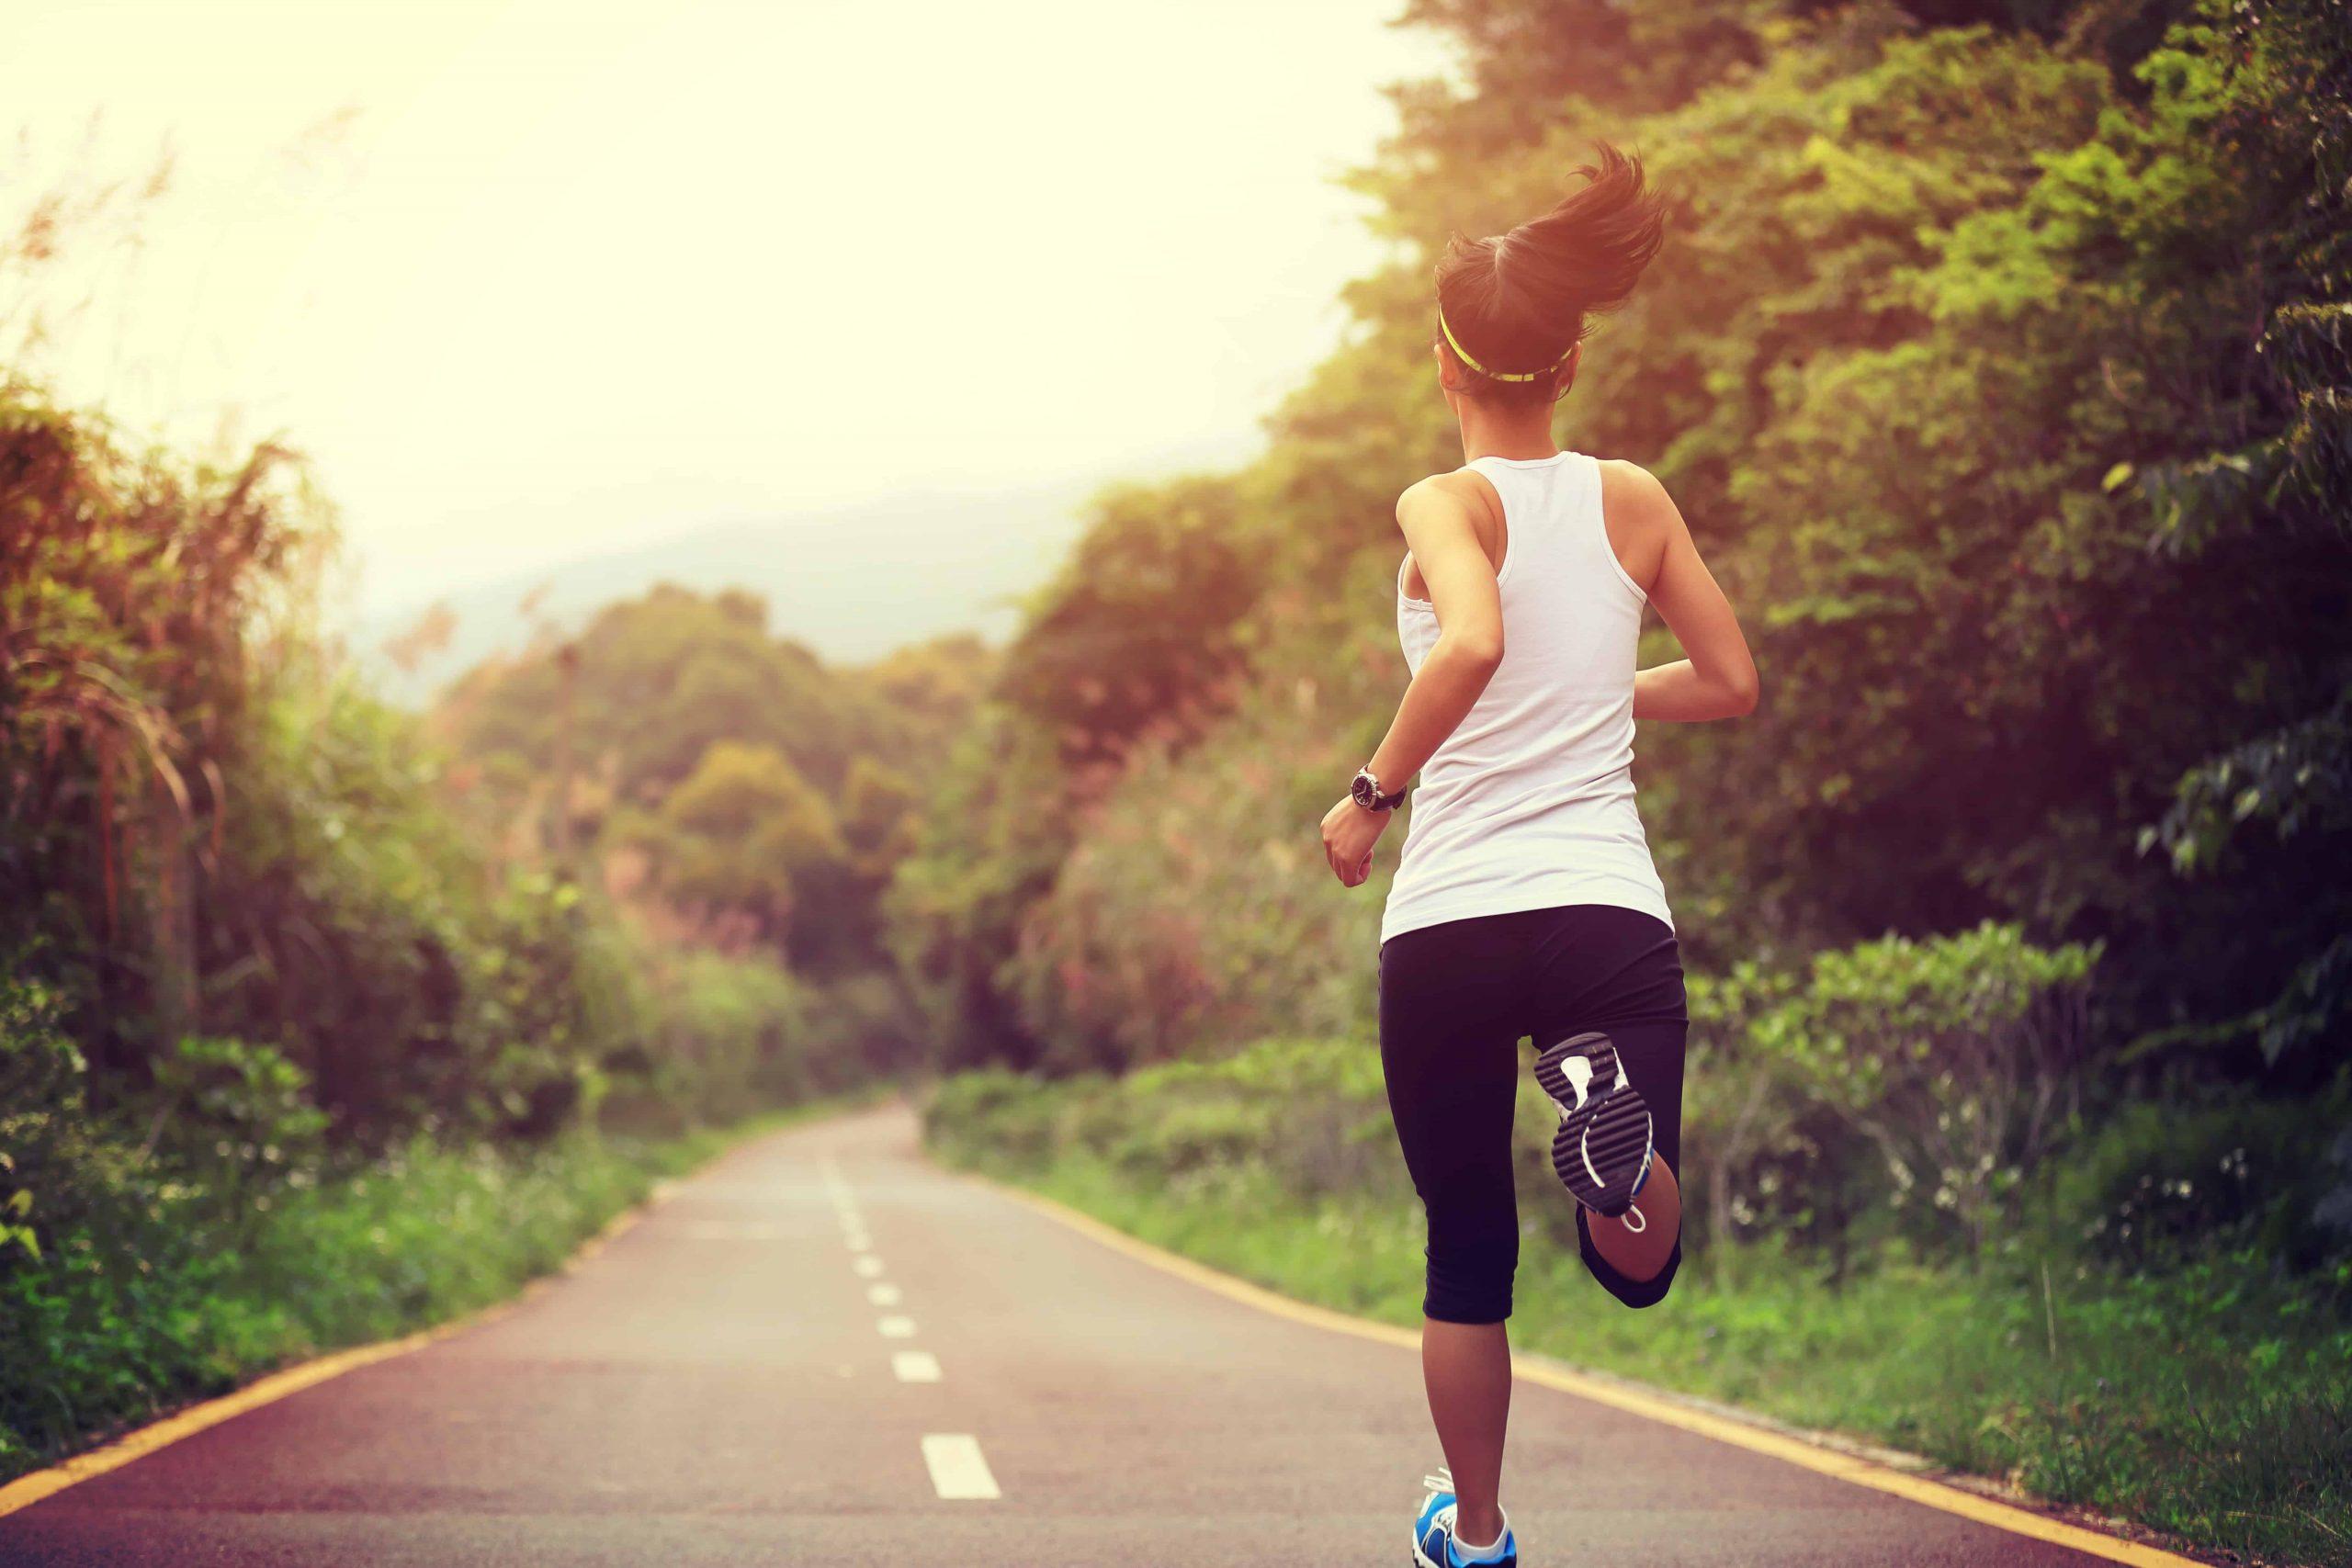 Trainen met spierpijn: Oorzaken en oplossingen